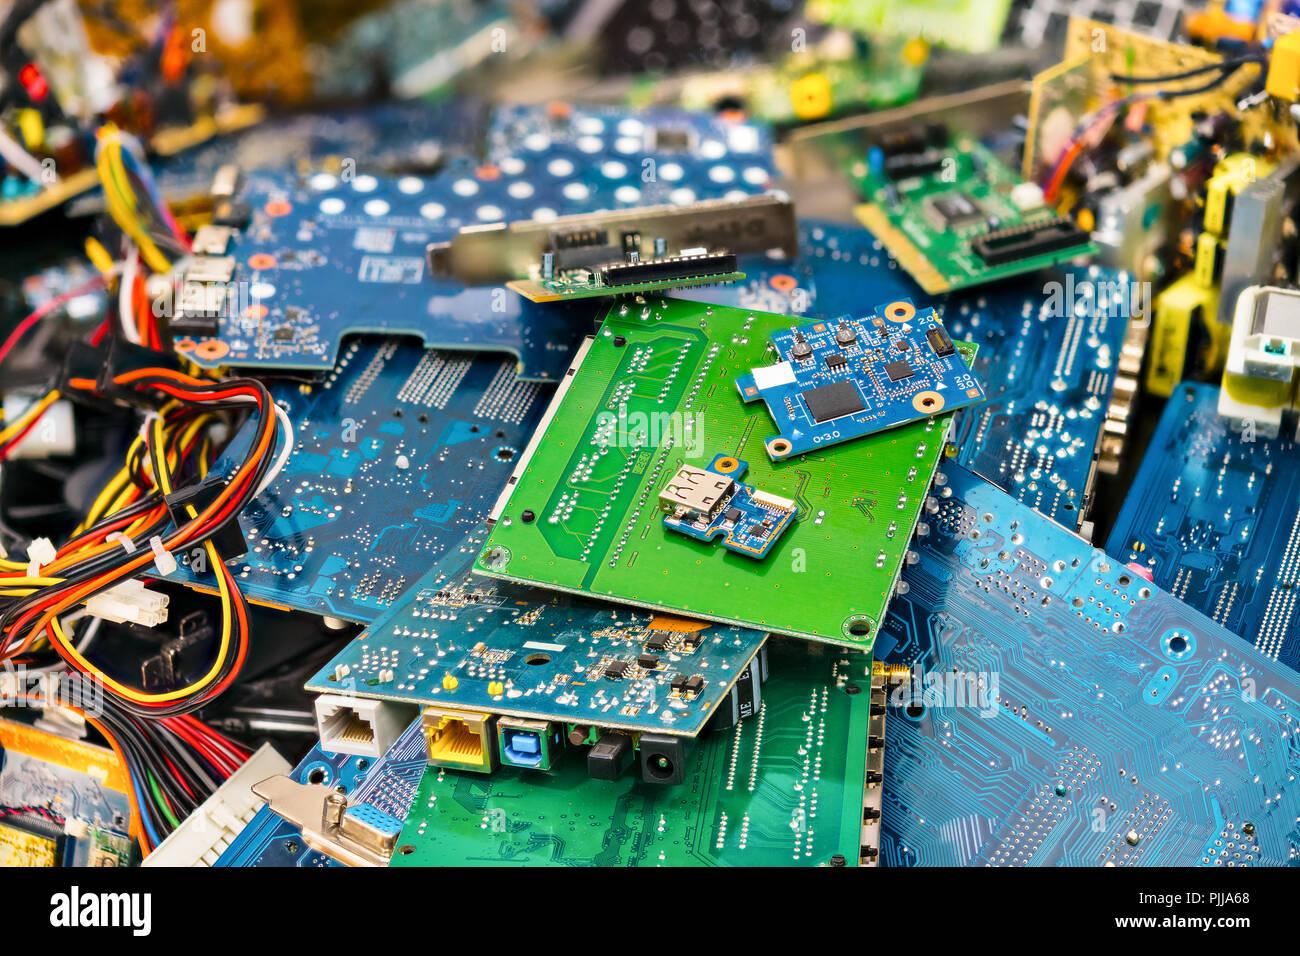 E-déchets heap. Ordinateur portable mis au rebut des pièces. Connecteurs, PCB, cartes d'ordinateur portable. Arrière-plan flou coloré. Composants d'un PC. Élimination des déchets électroniques, de l'industrie. Photo Stock